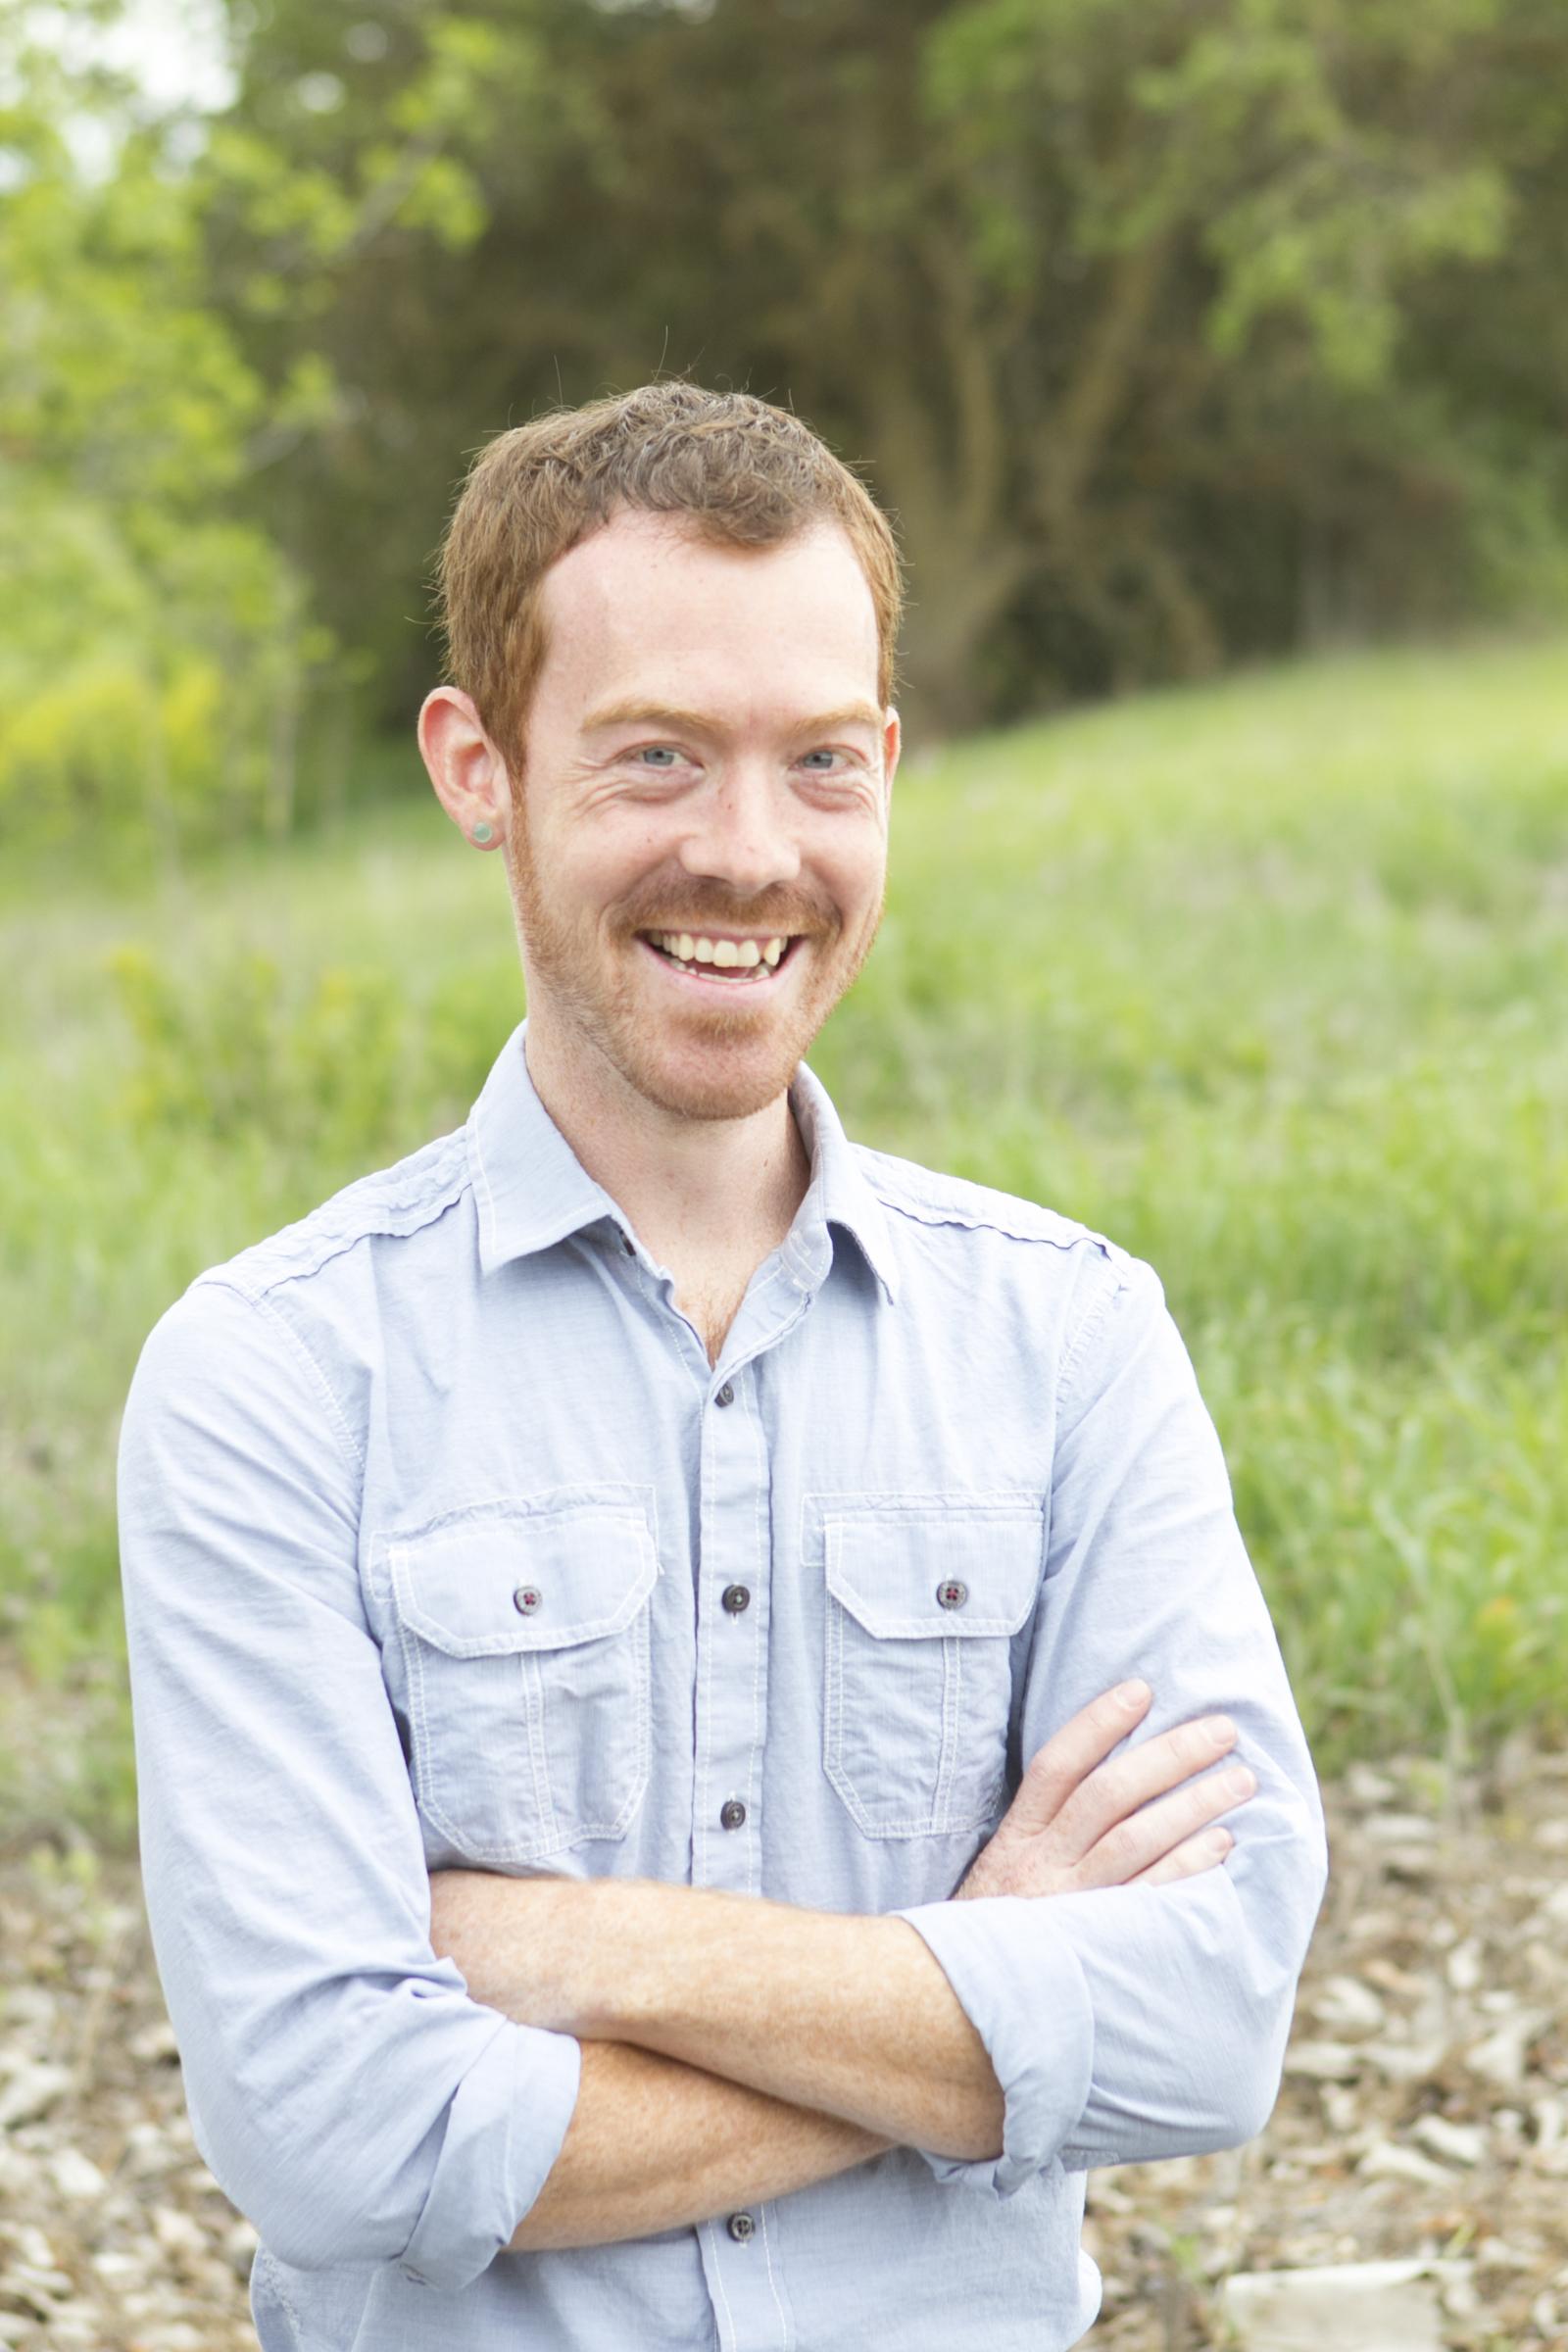 Sean Guinan, L.Ac., MTCM